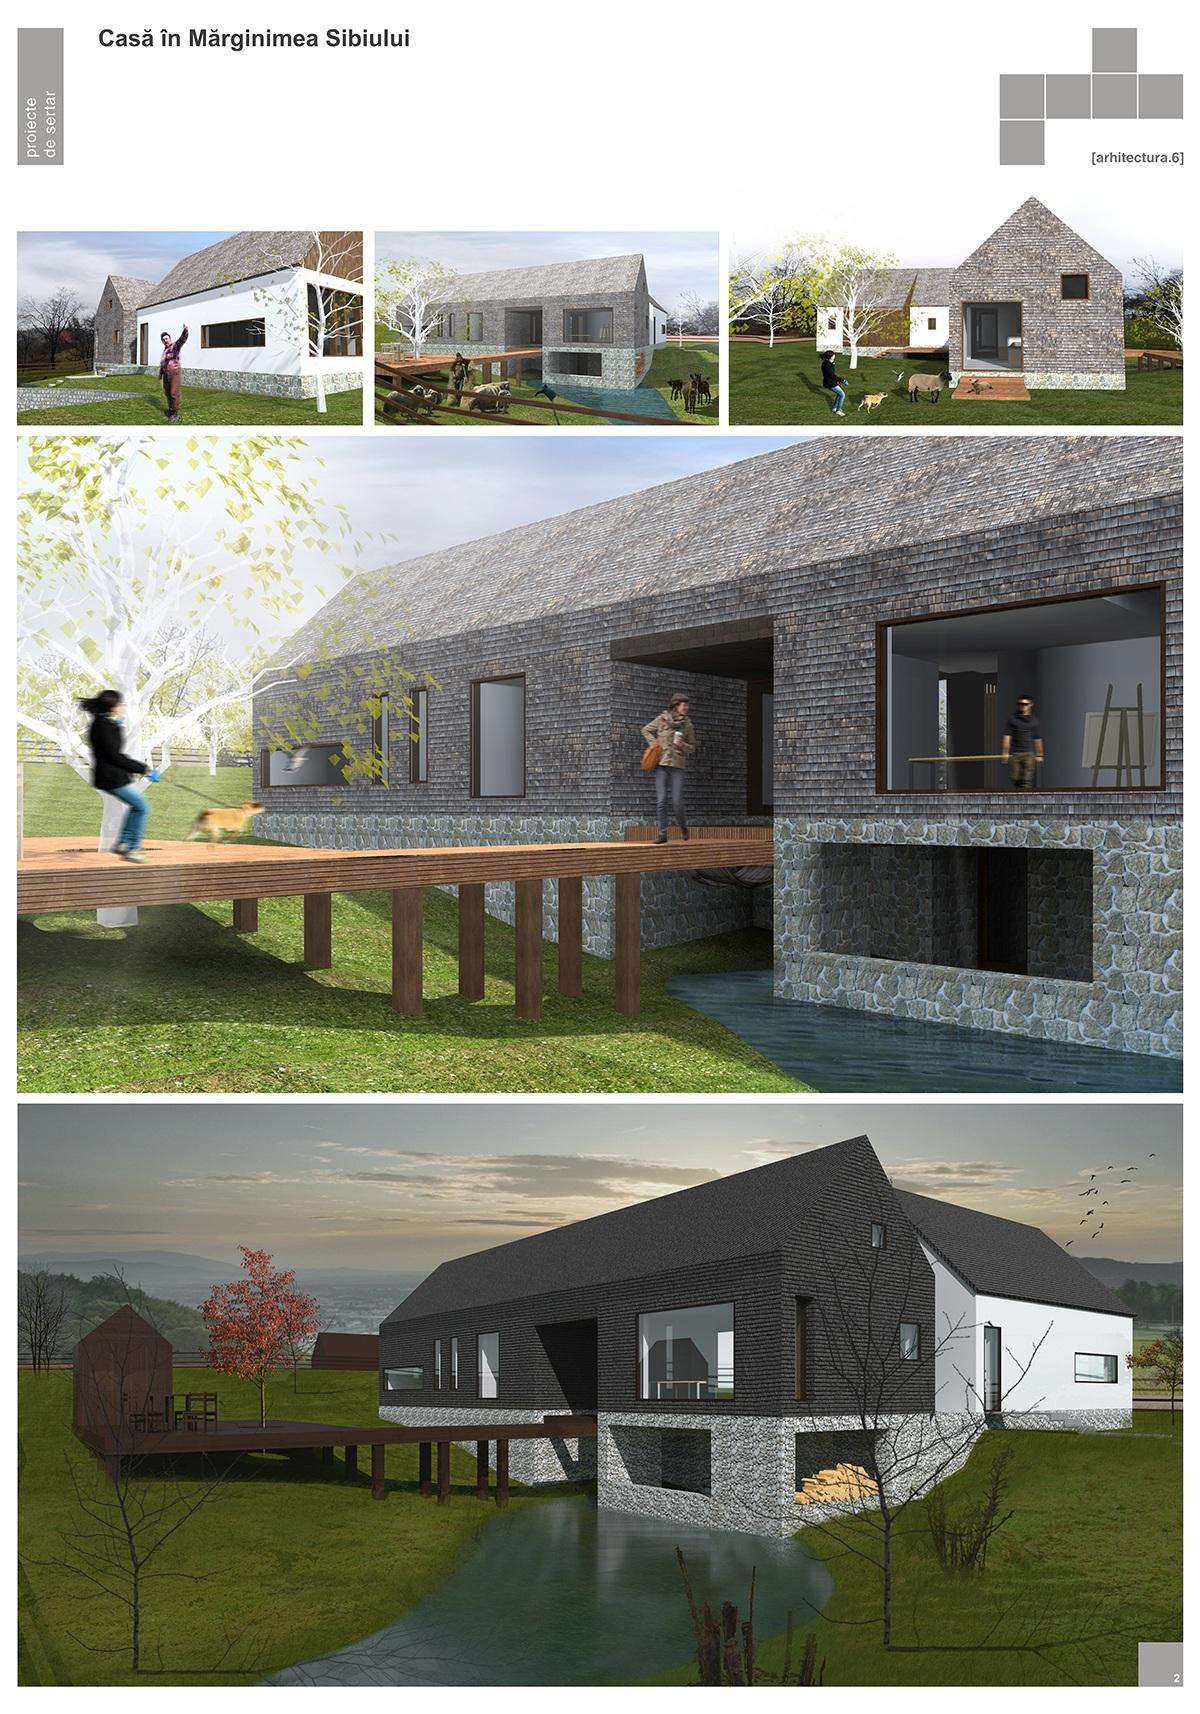 55_Casa in Marginimea Sibiului Panou 2